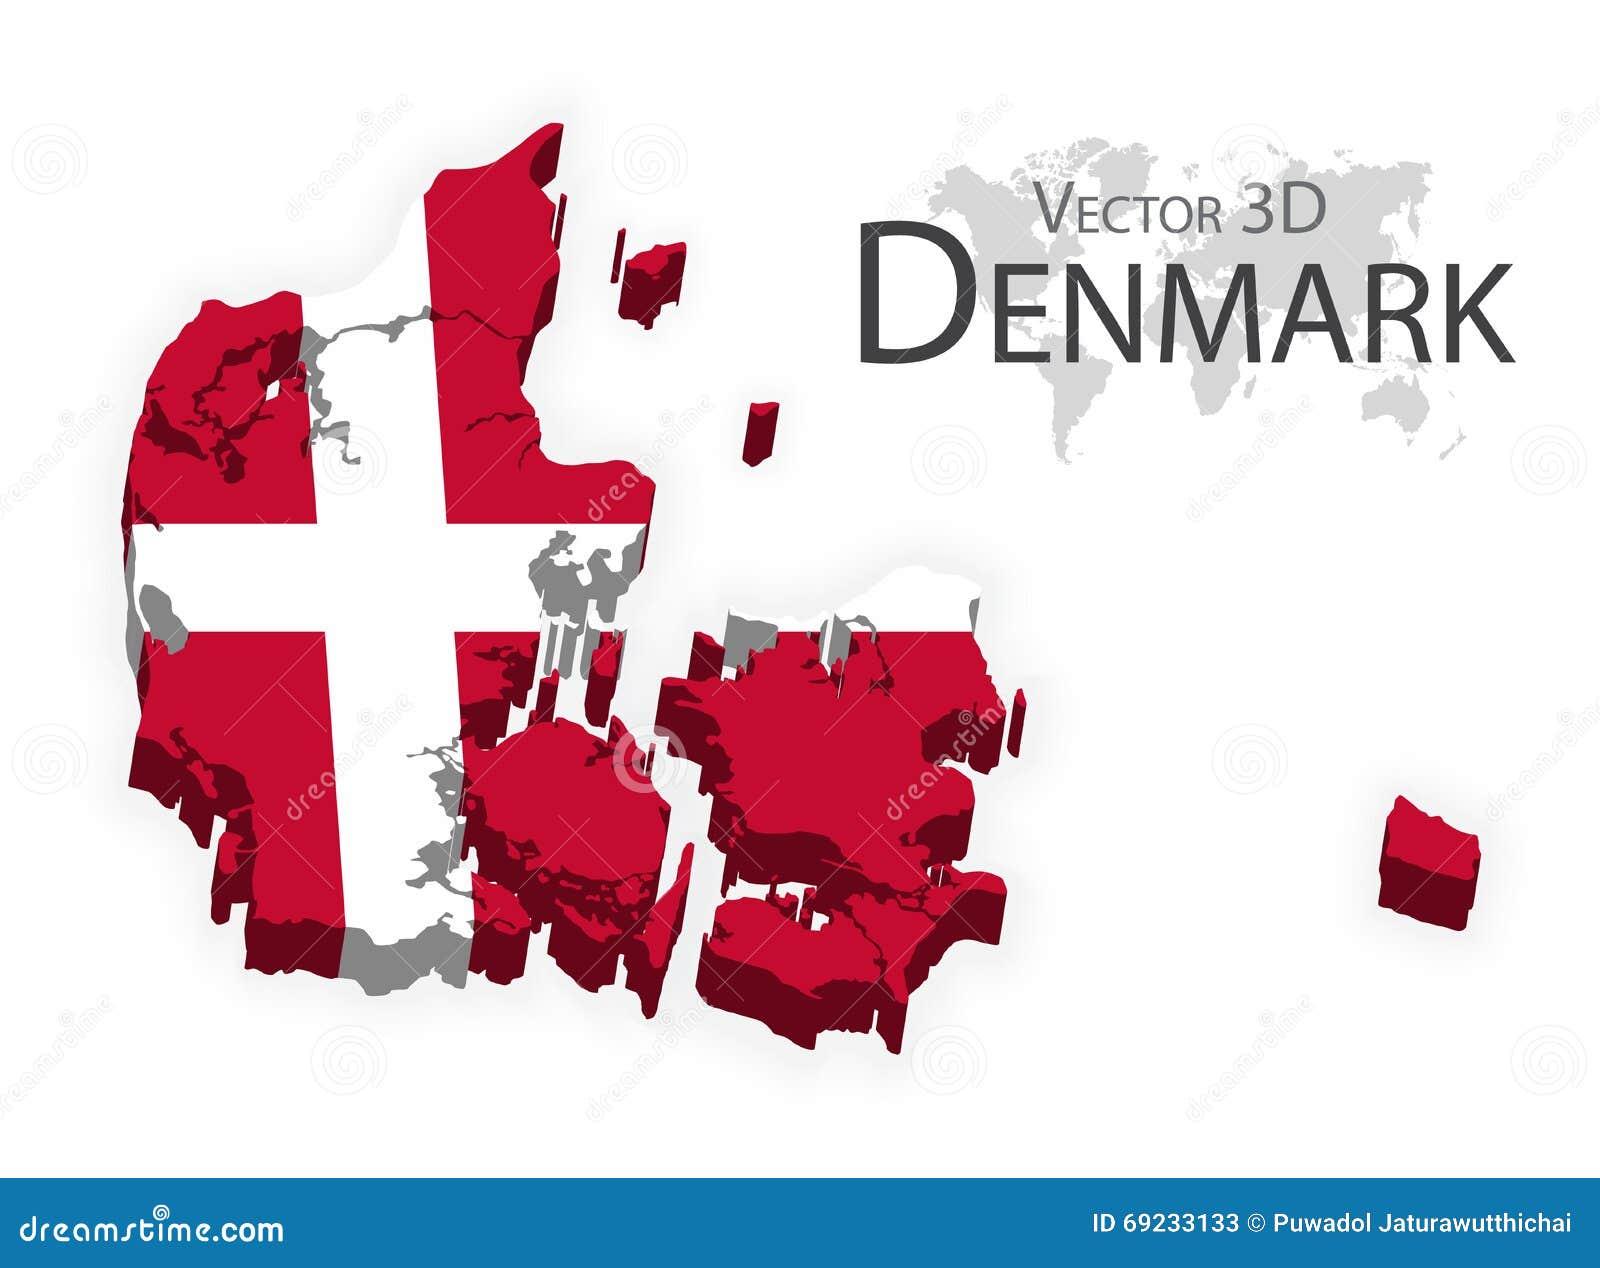 Kongeriget Danmark 3D (bandera y mapa) (concepto del transporte y del turismo)